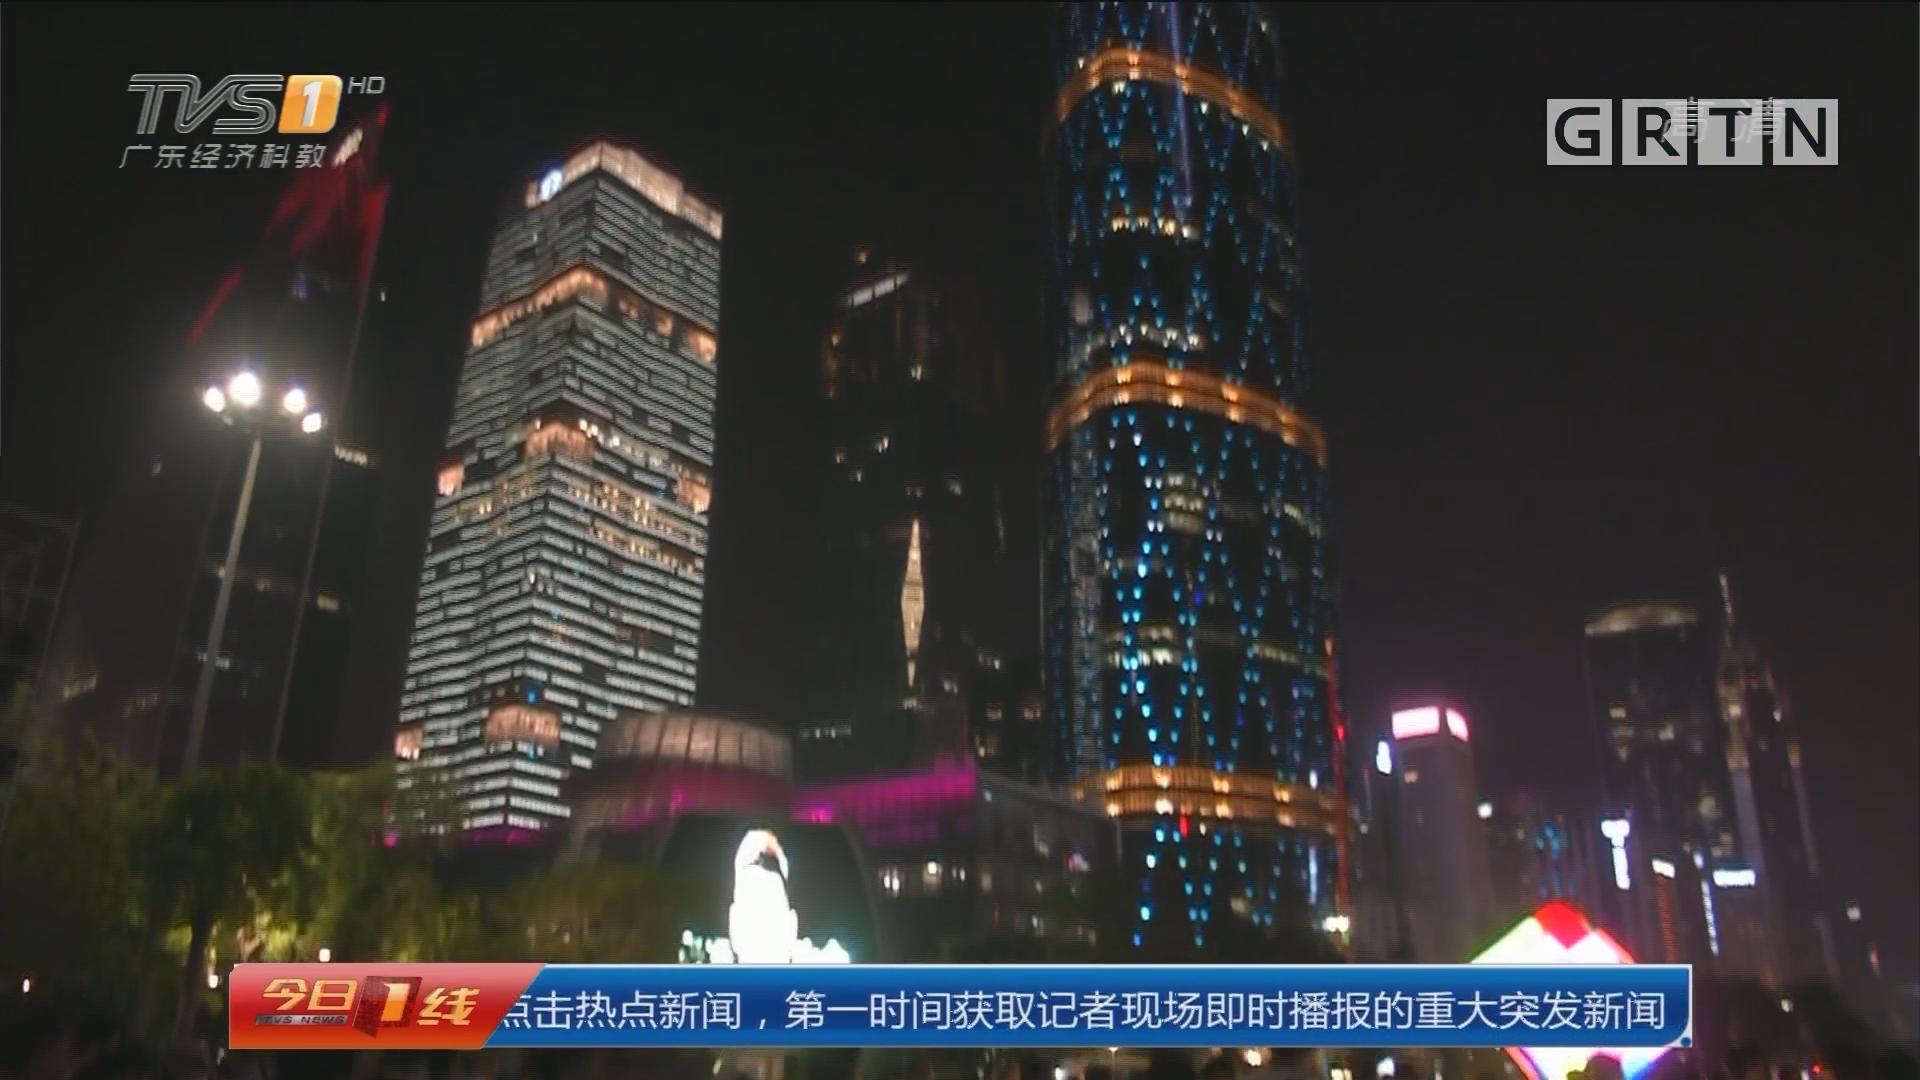 2017广州国际灯光节:震撼光影表演 游人驻足流连